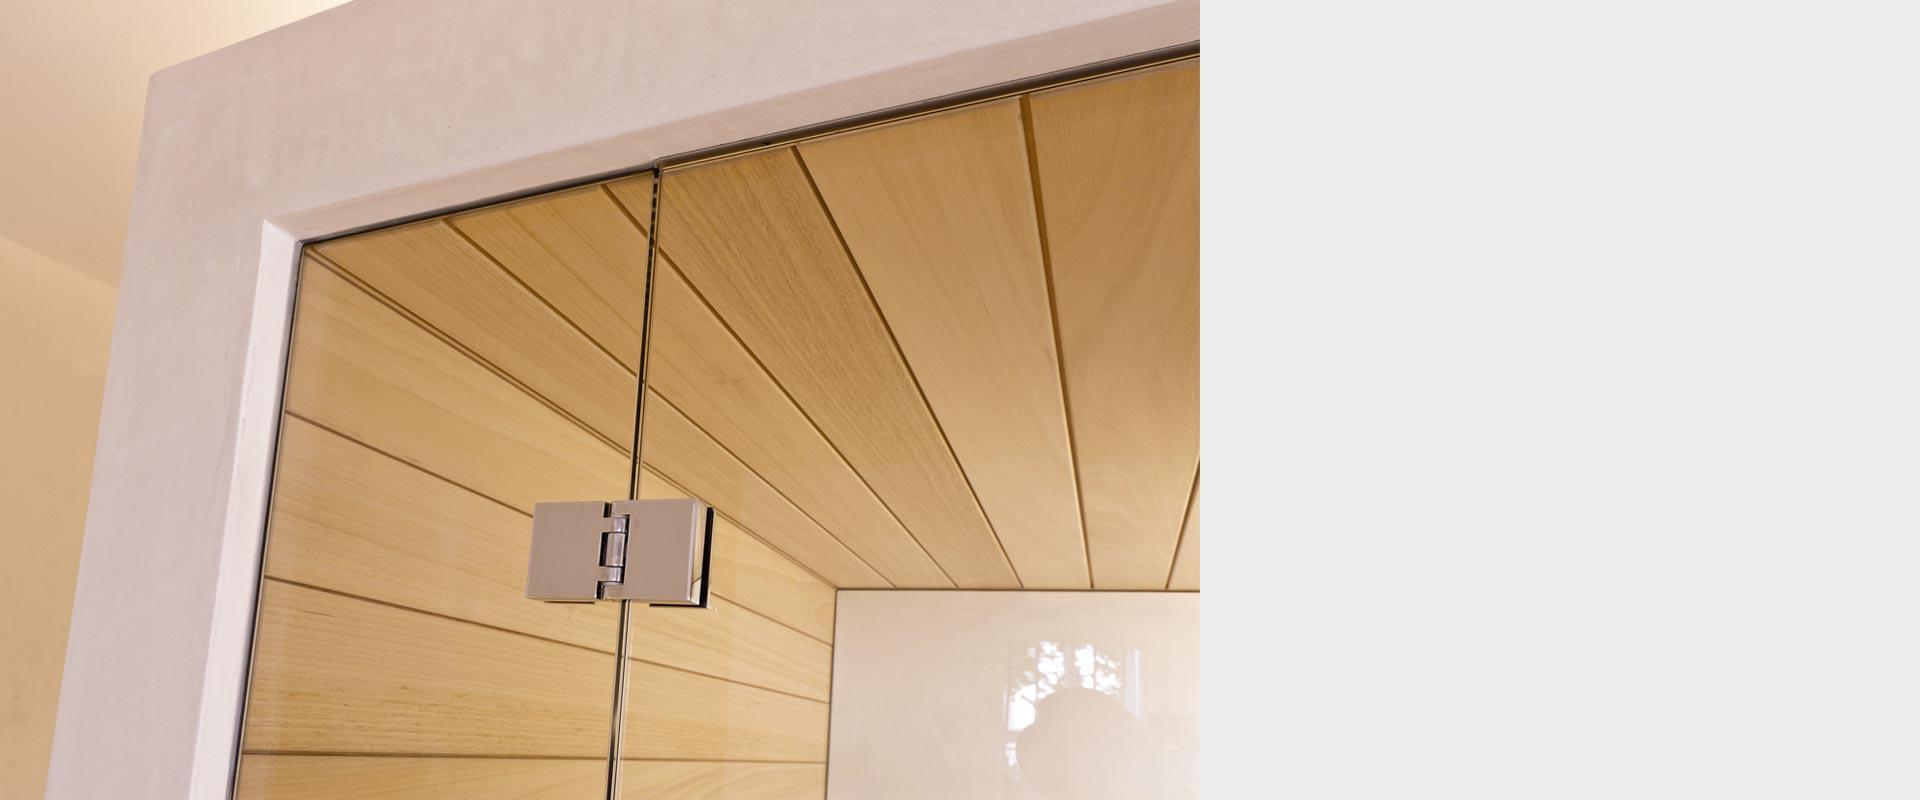 architekturbuero_henning_musahl_waldshut_sauna04